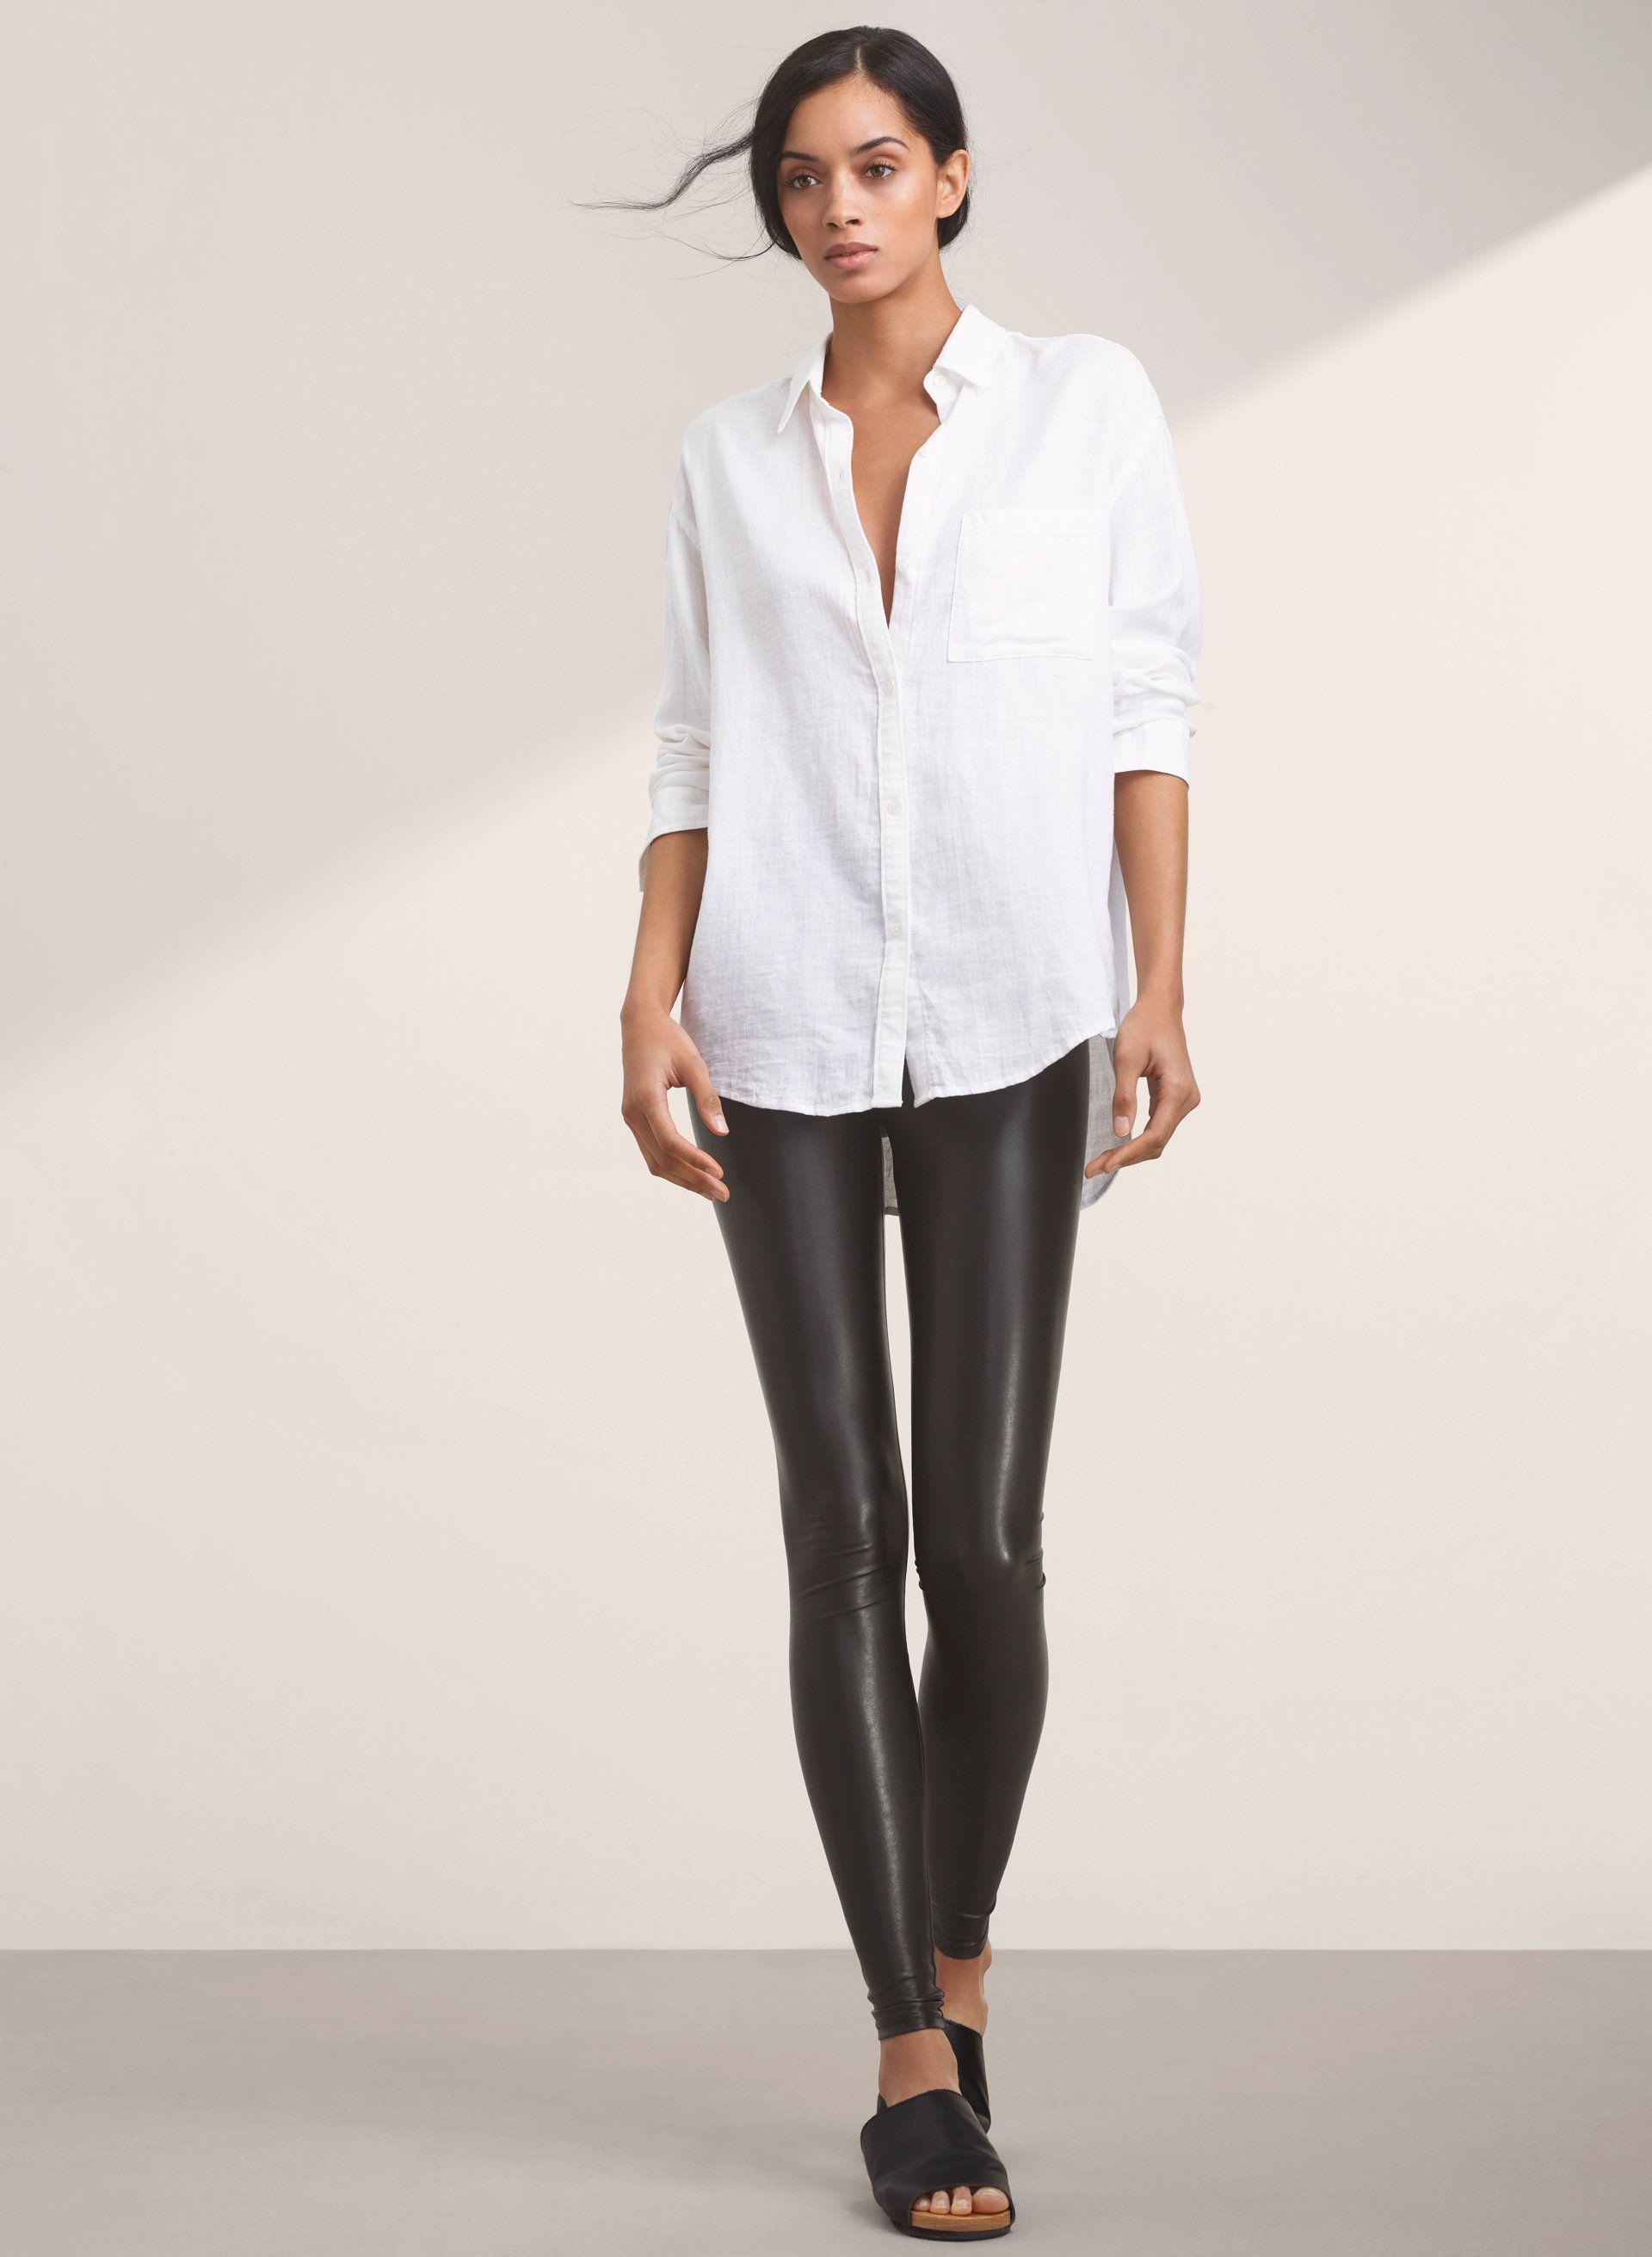 308d556a2f4b82 Daria pant | F A S H I O N | Leather pants outfit, Fashion, Pants